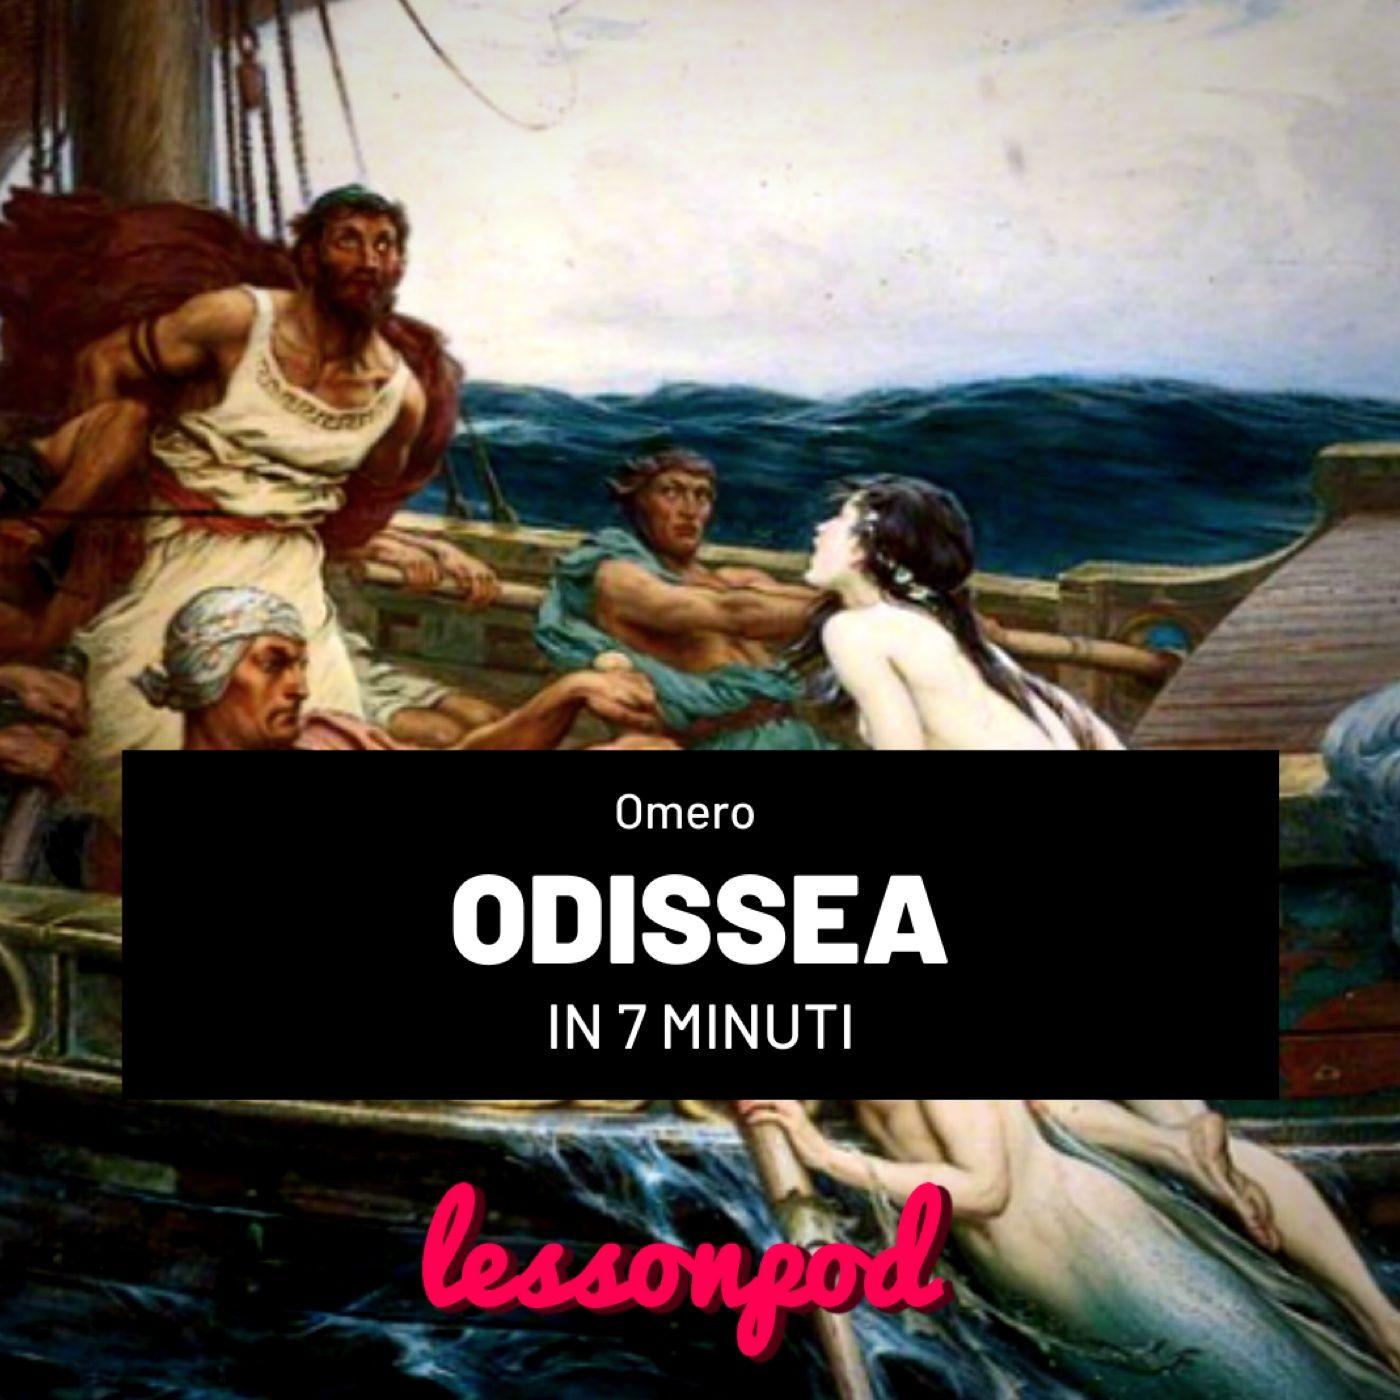 L'Odissea di Omero in 7 minuti